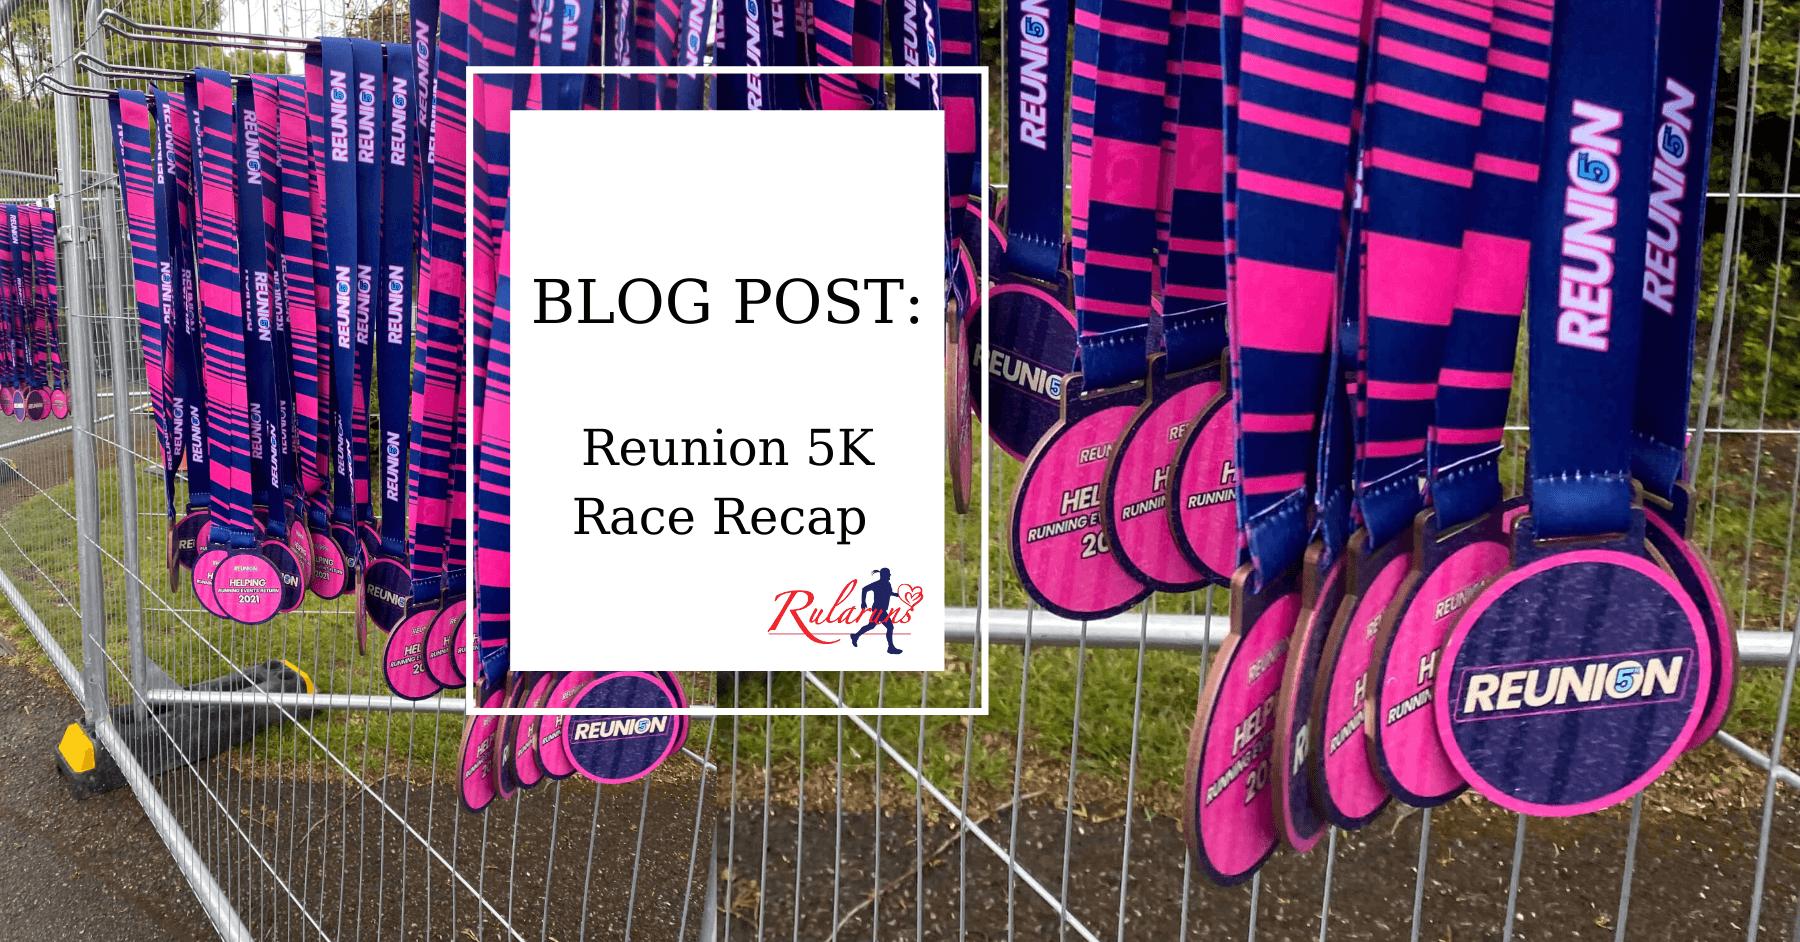 Reunion 5K Race Recap - Rularuns